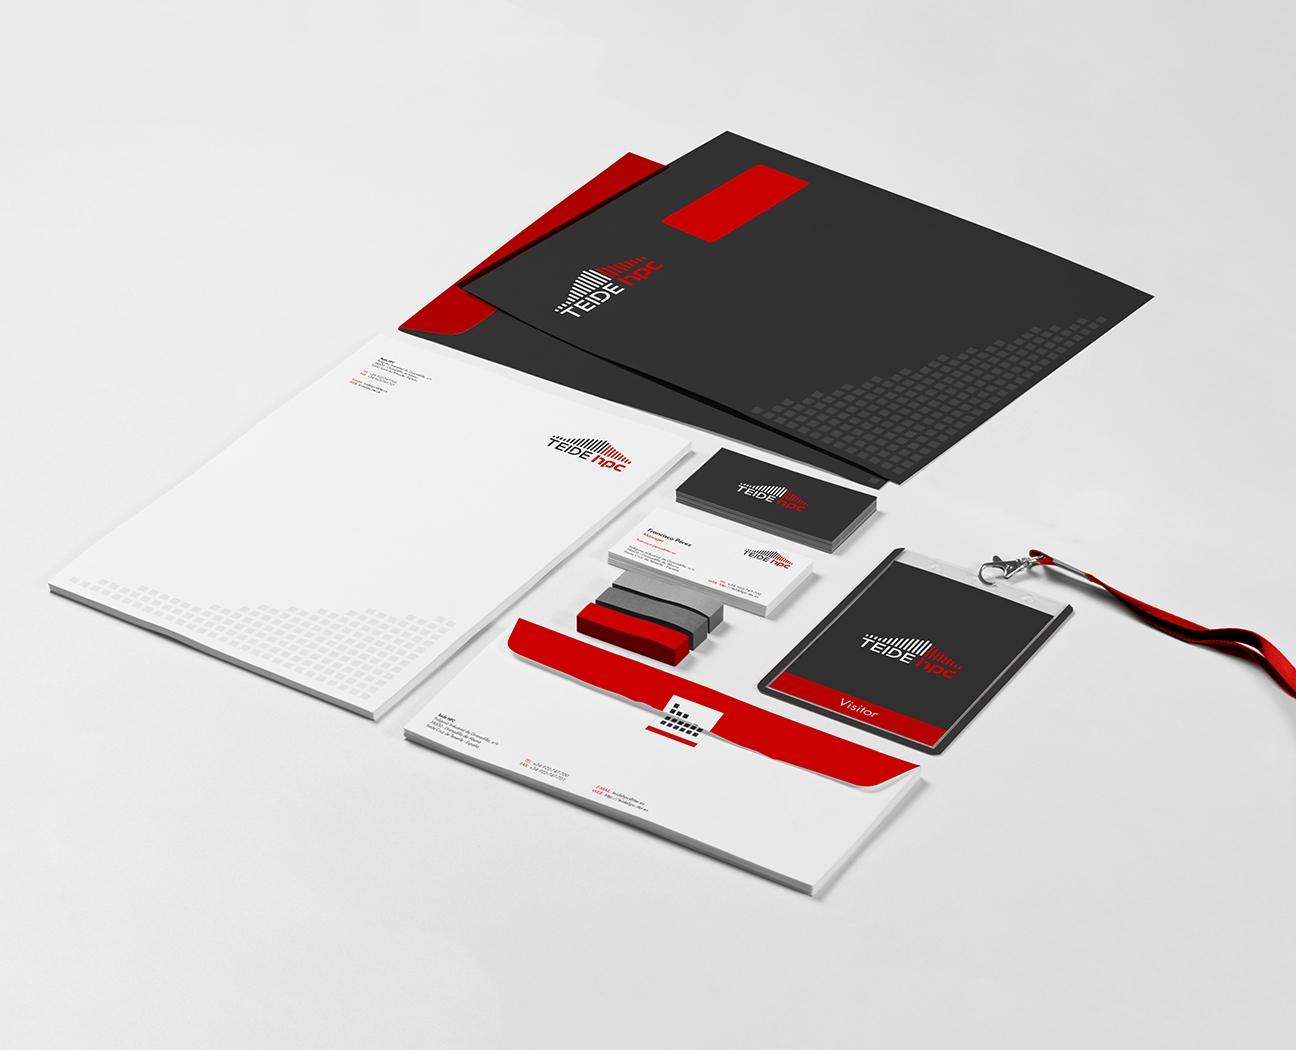 Elementos de papelería / bodegón con la identidad visual del Teide HPC